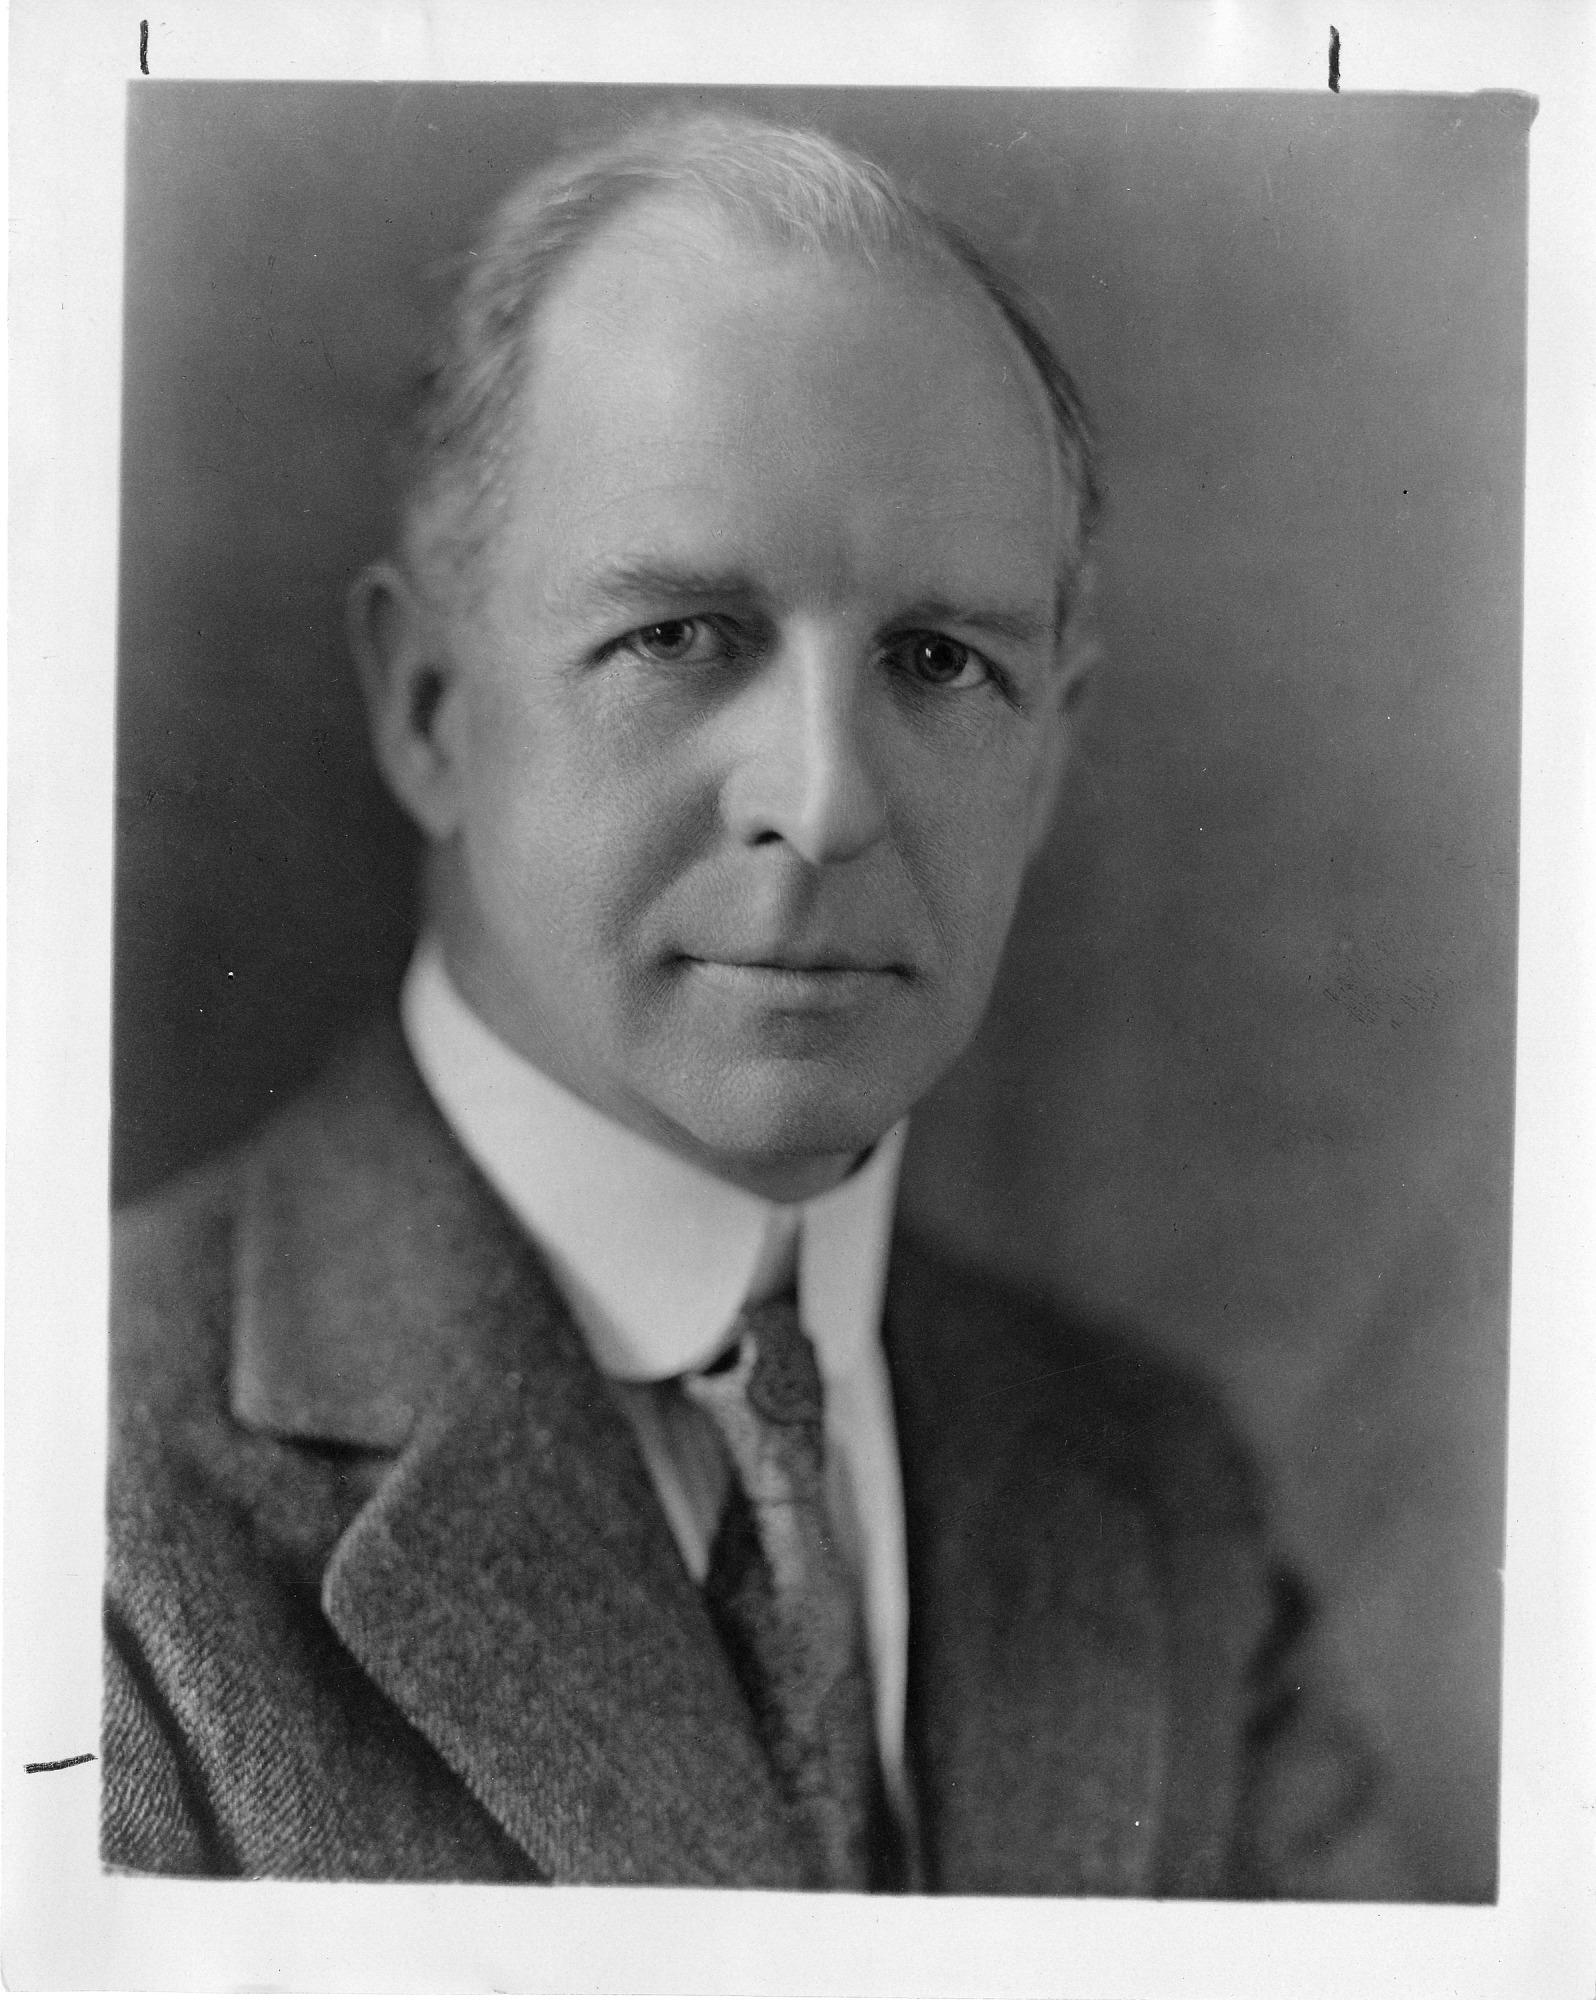 Lyman James Briggs (1874-1963)